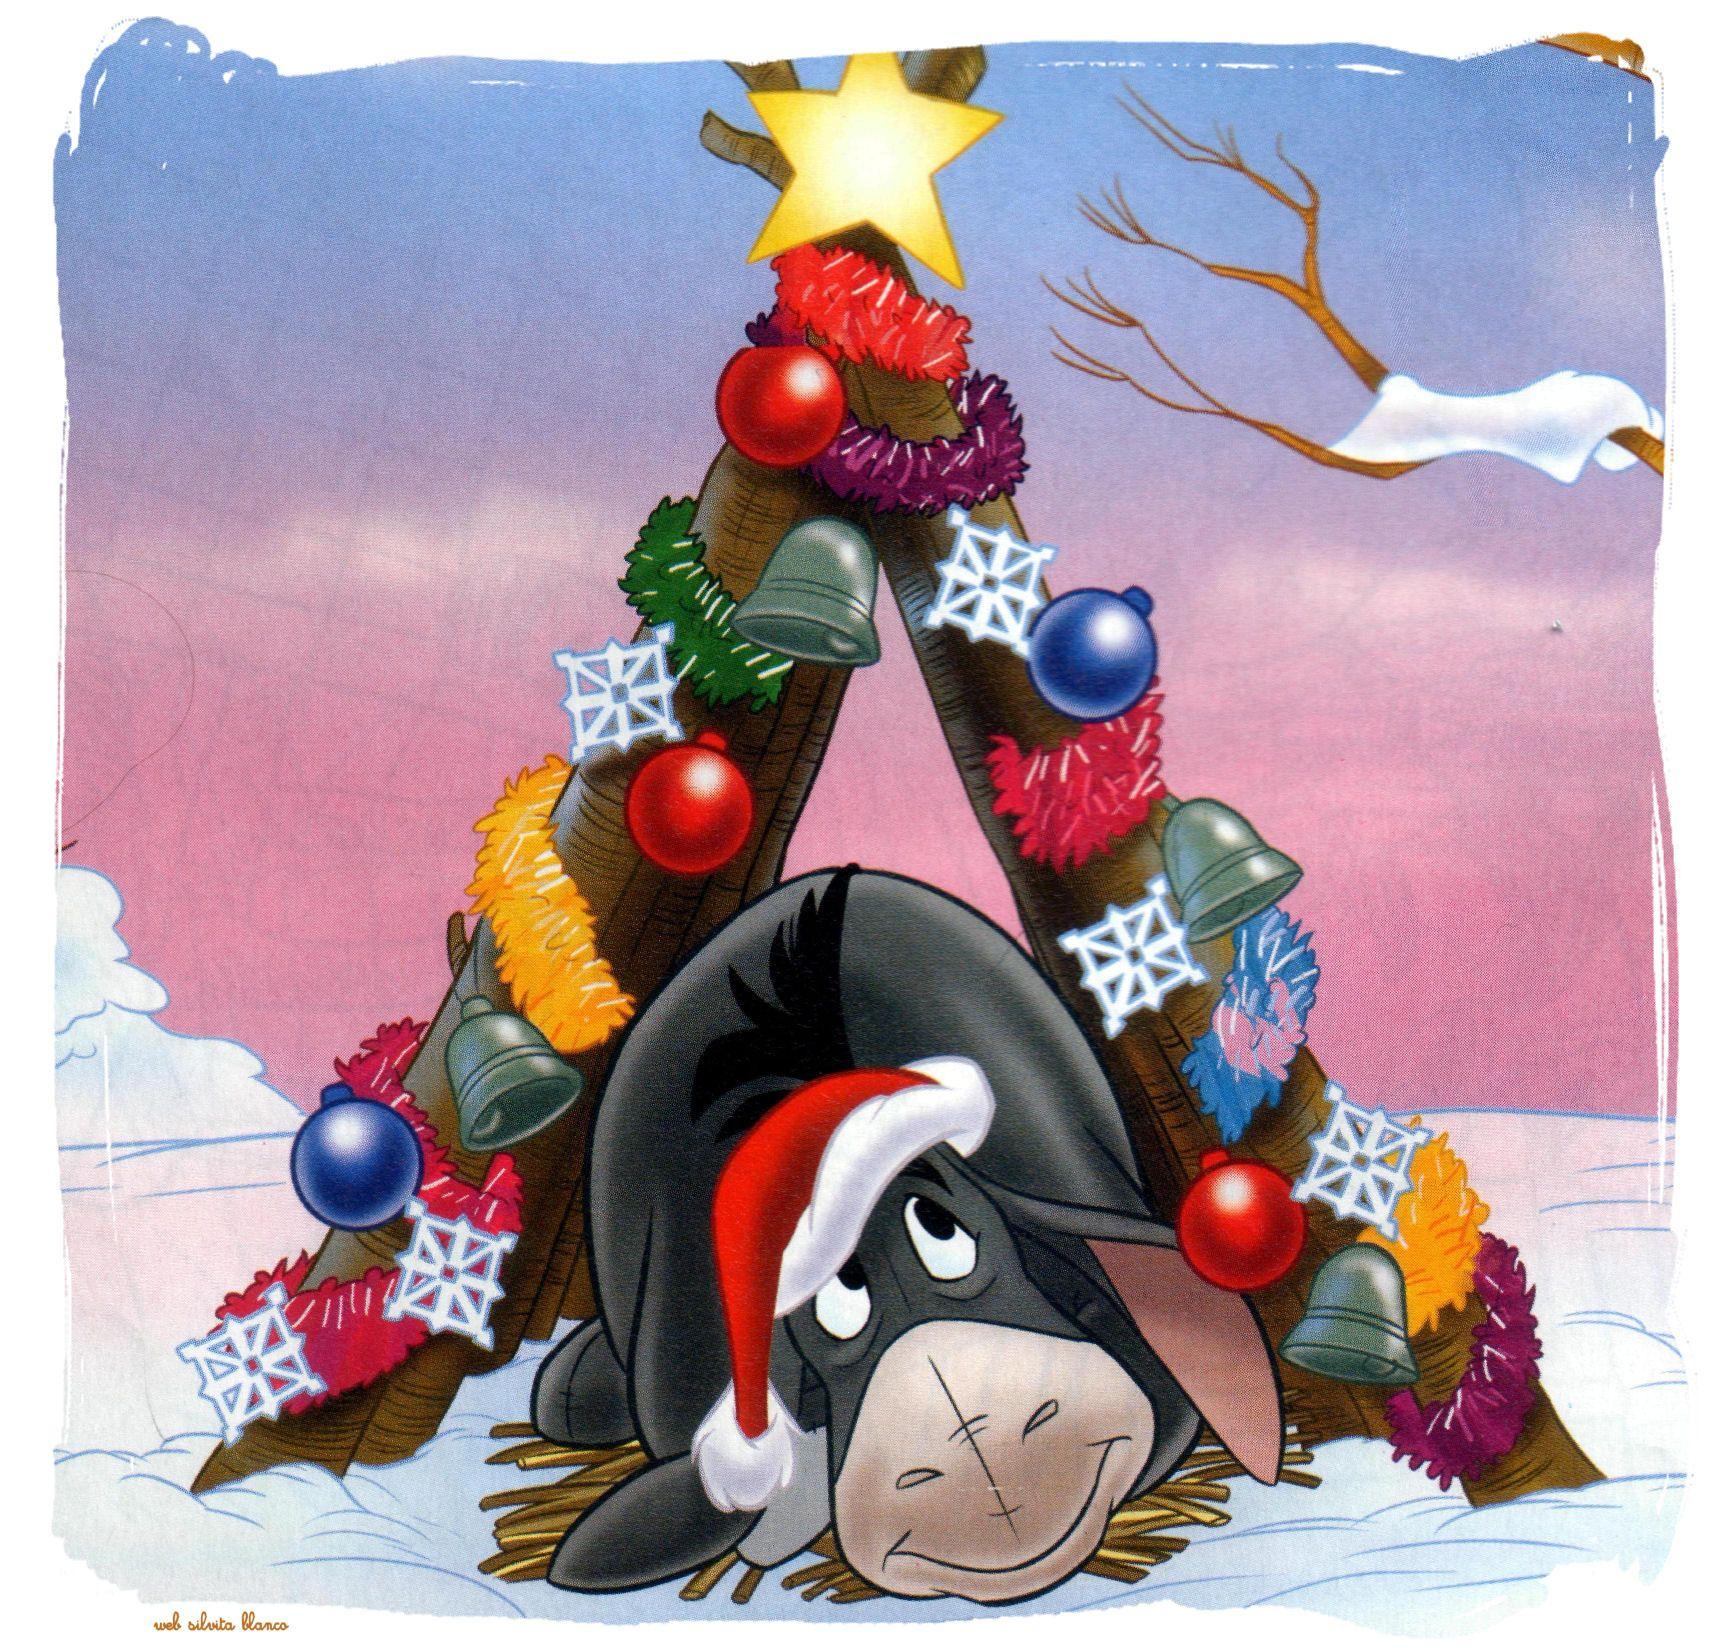 winnie pooh navidad  fröhliche weihnachten weihnachten